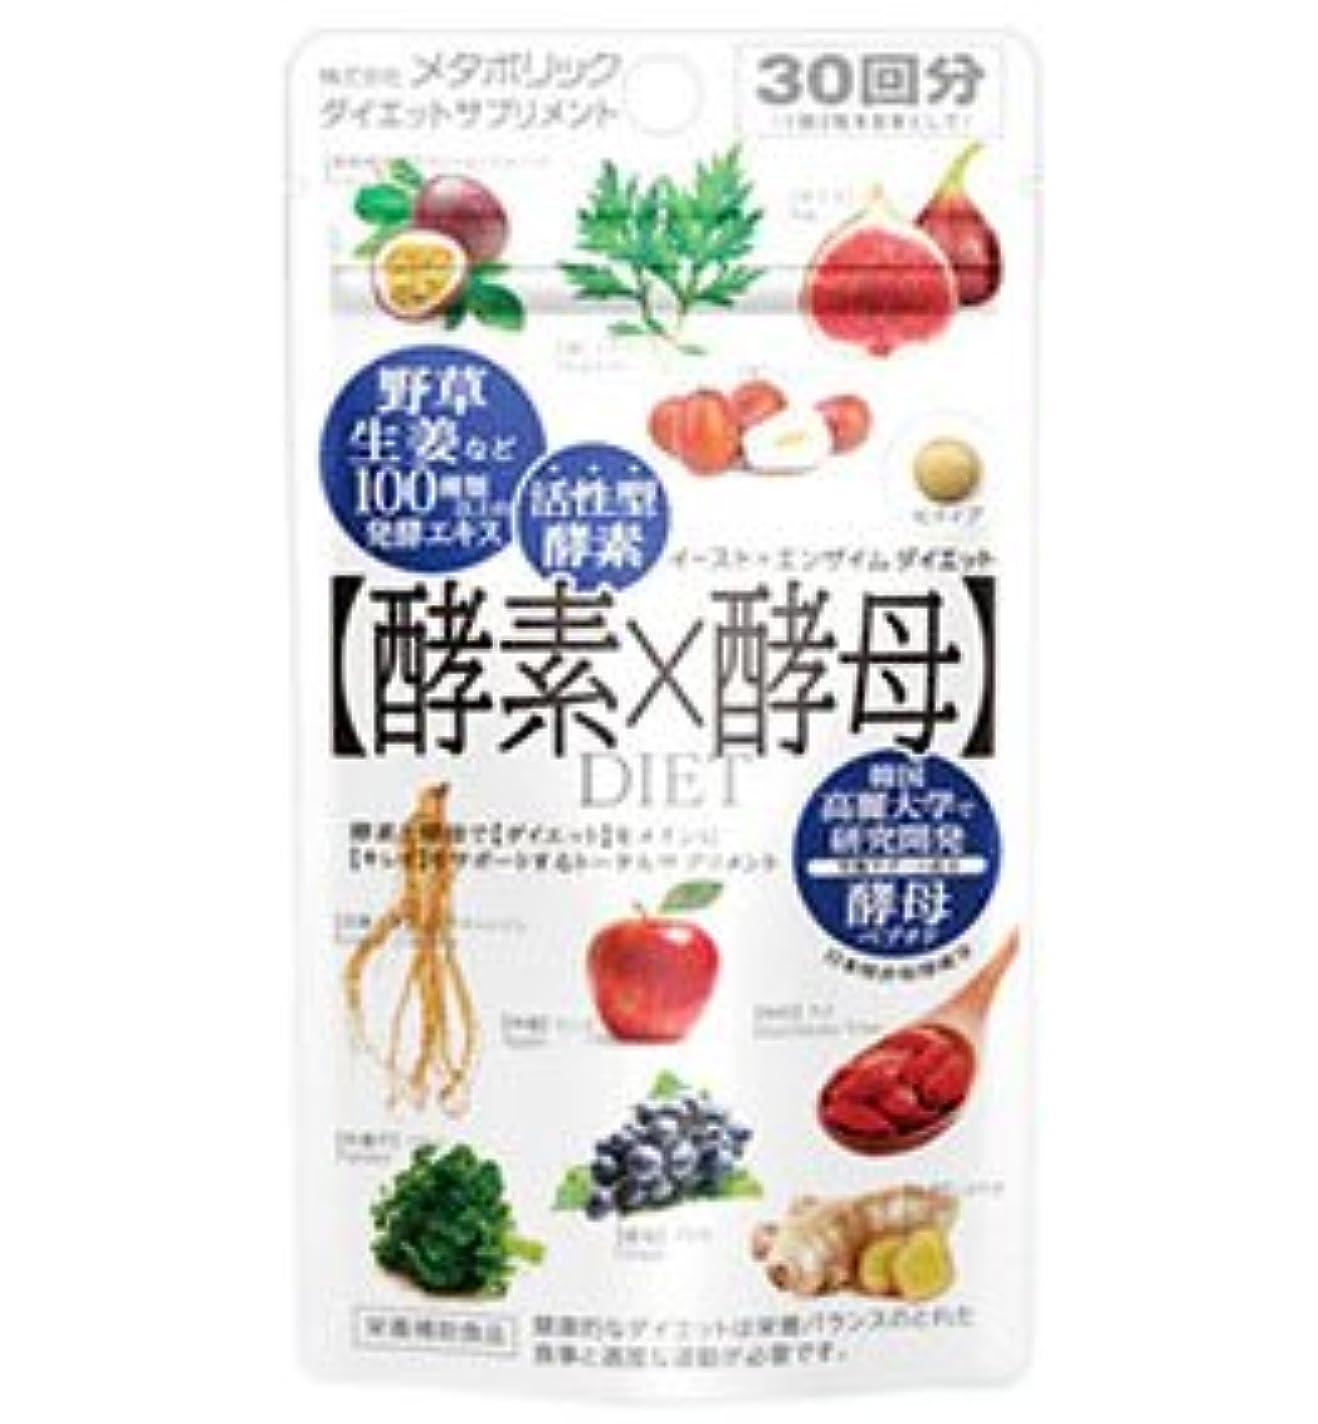 日焼け立法おじいちゃん酵素×酵母 イースト×エンザイムダイエット 60粒×6個セット+1個おまけ付き